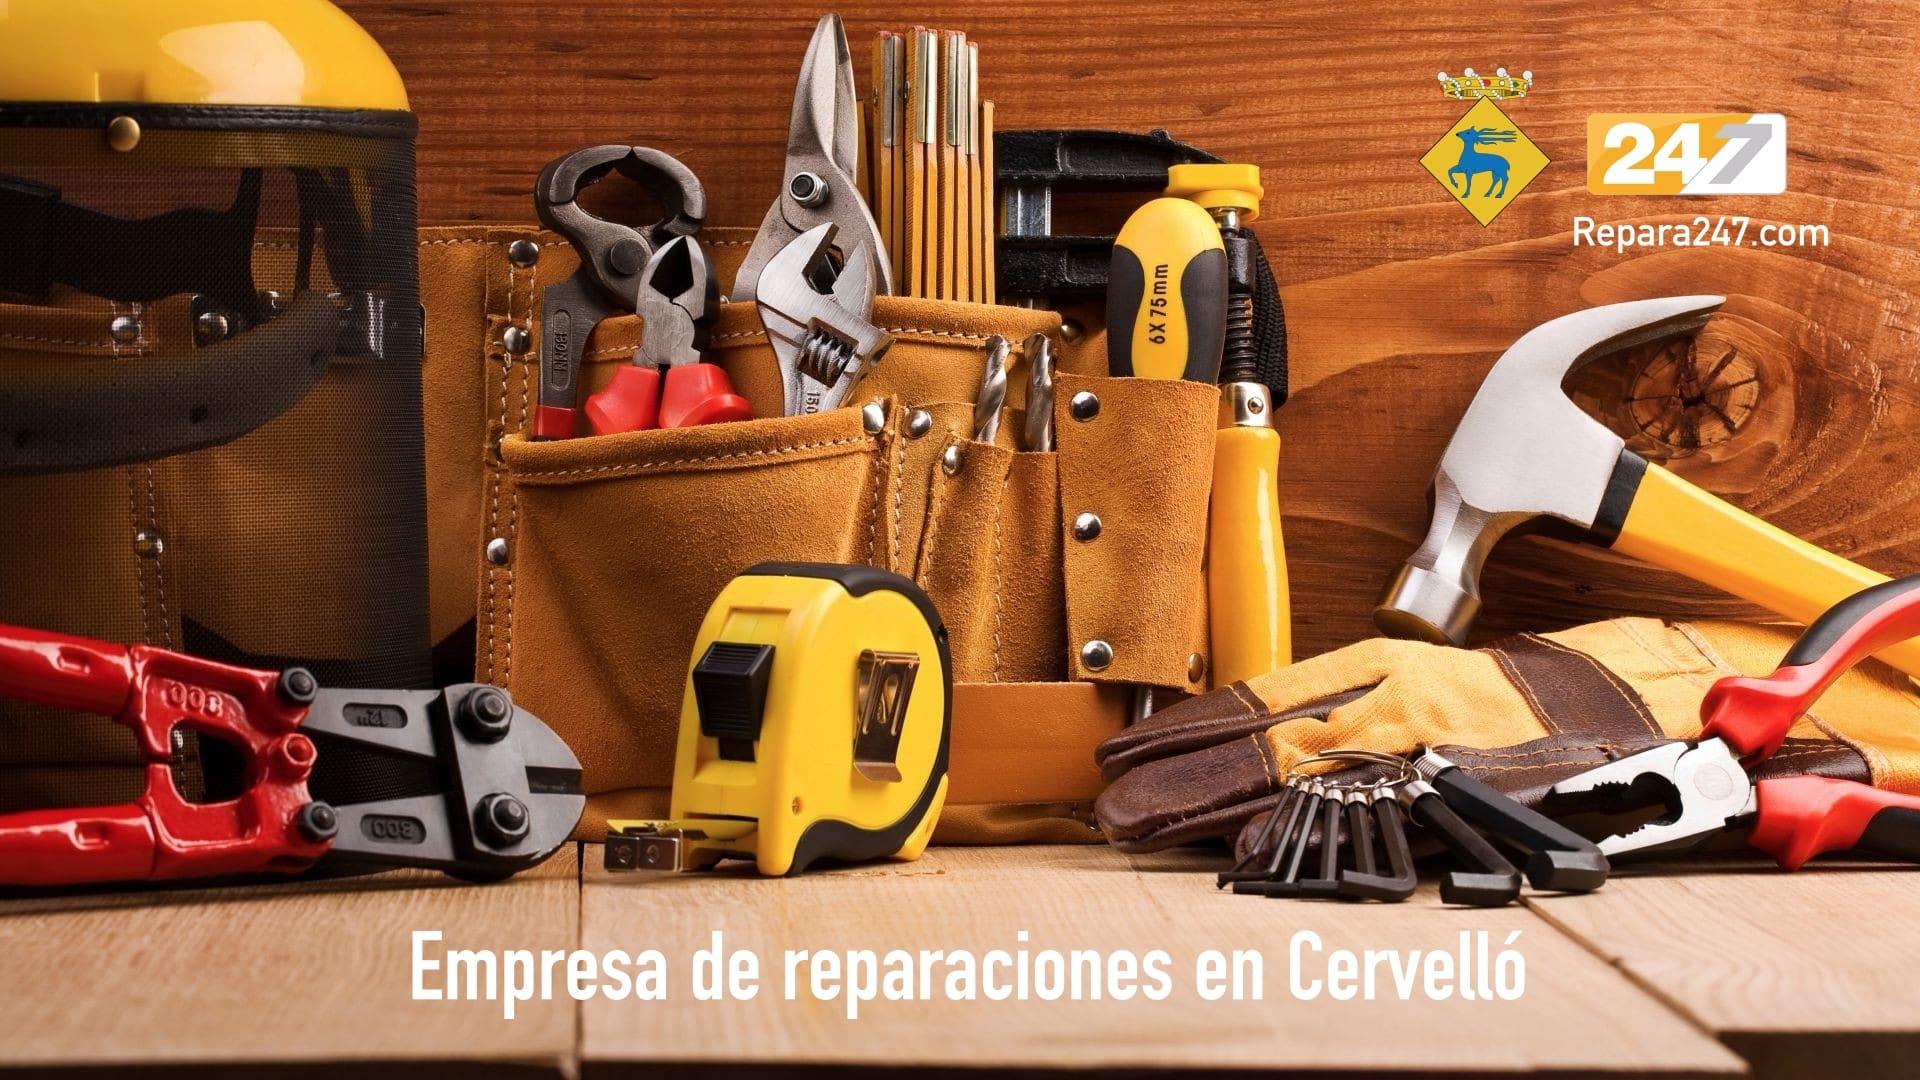 Empresa de reparaciones en Cervelló